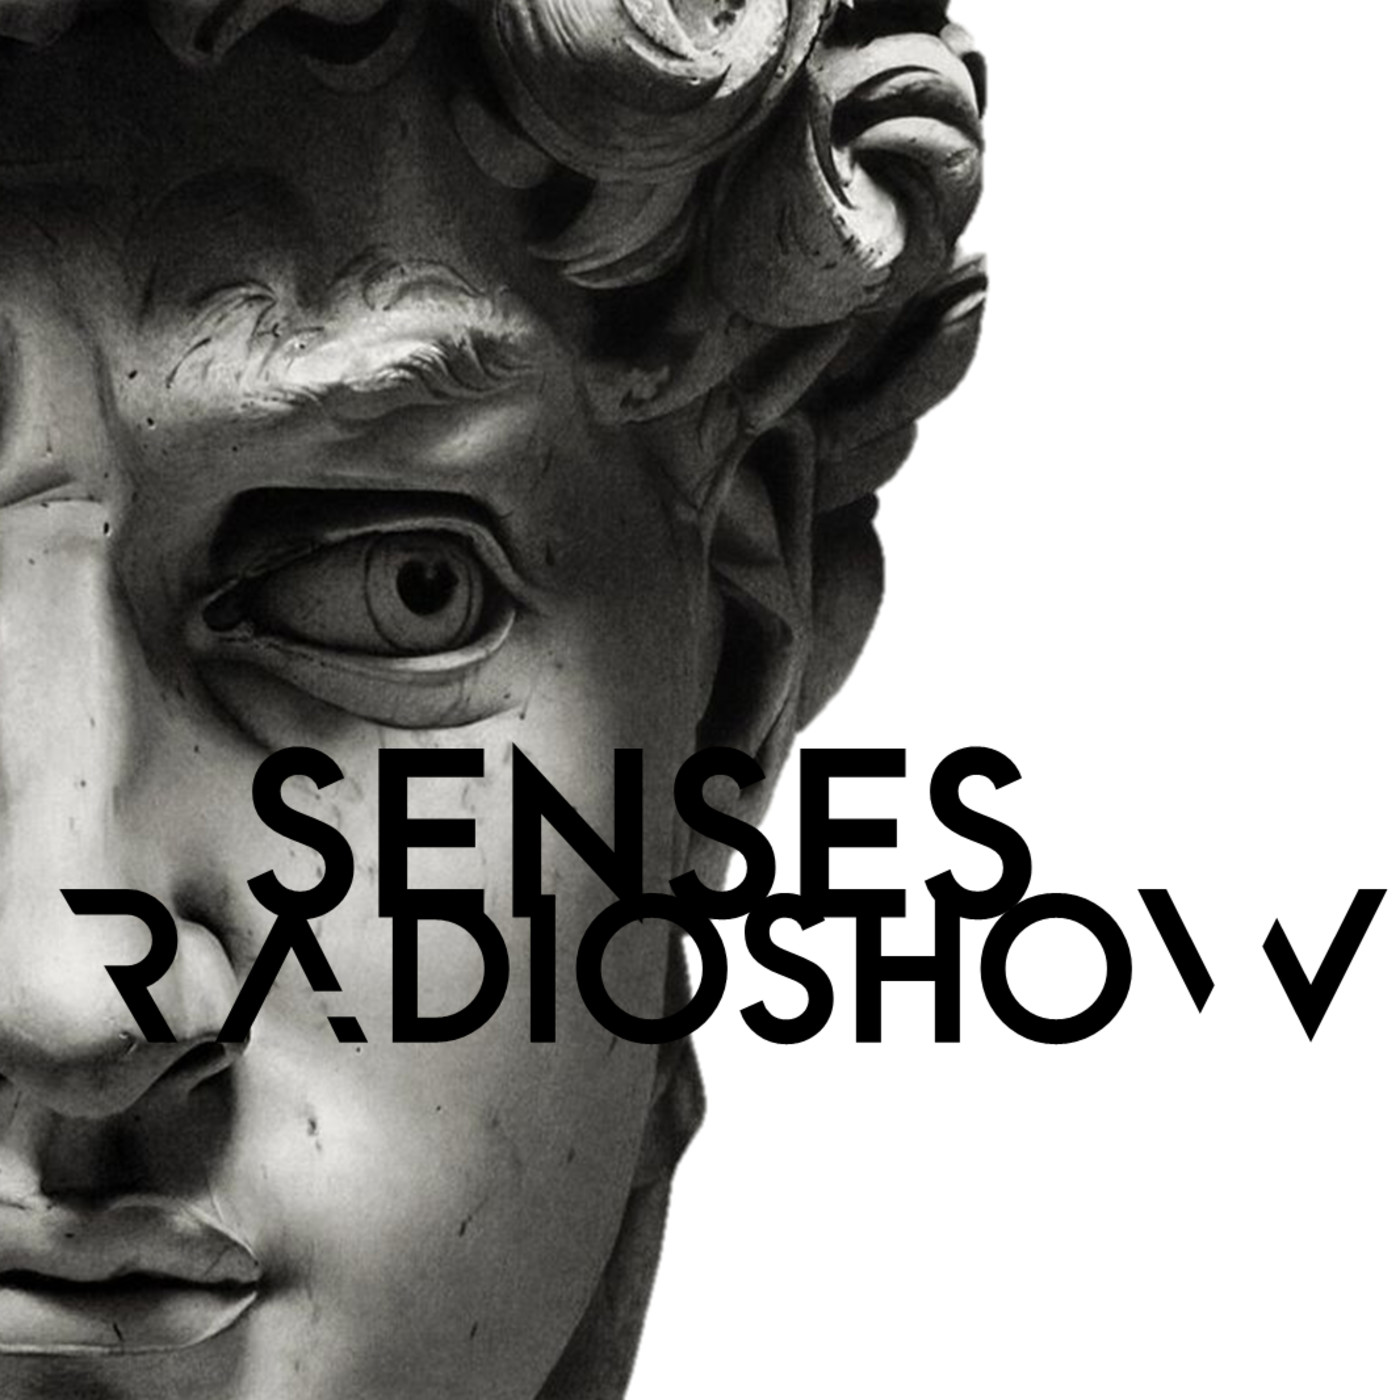 <![CDATA[Senses Radioshow]]>